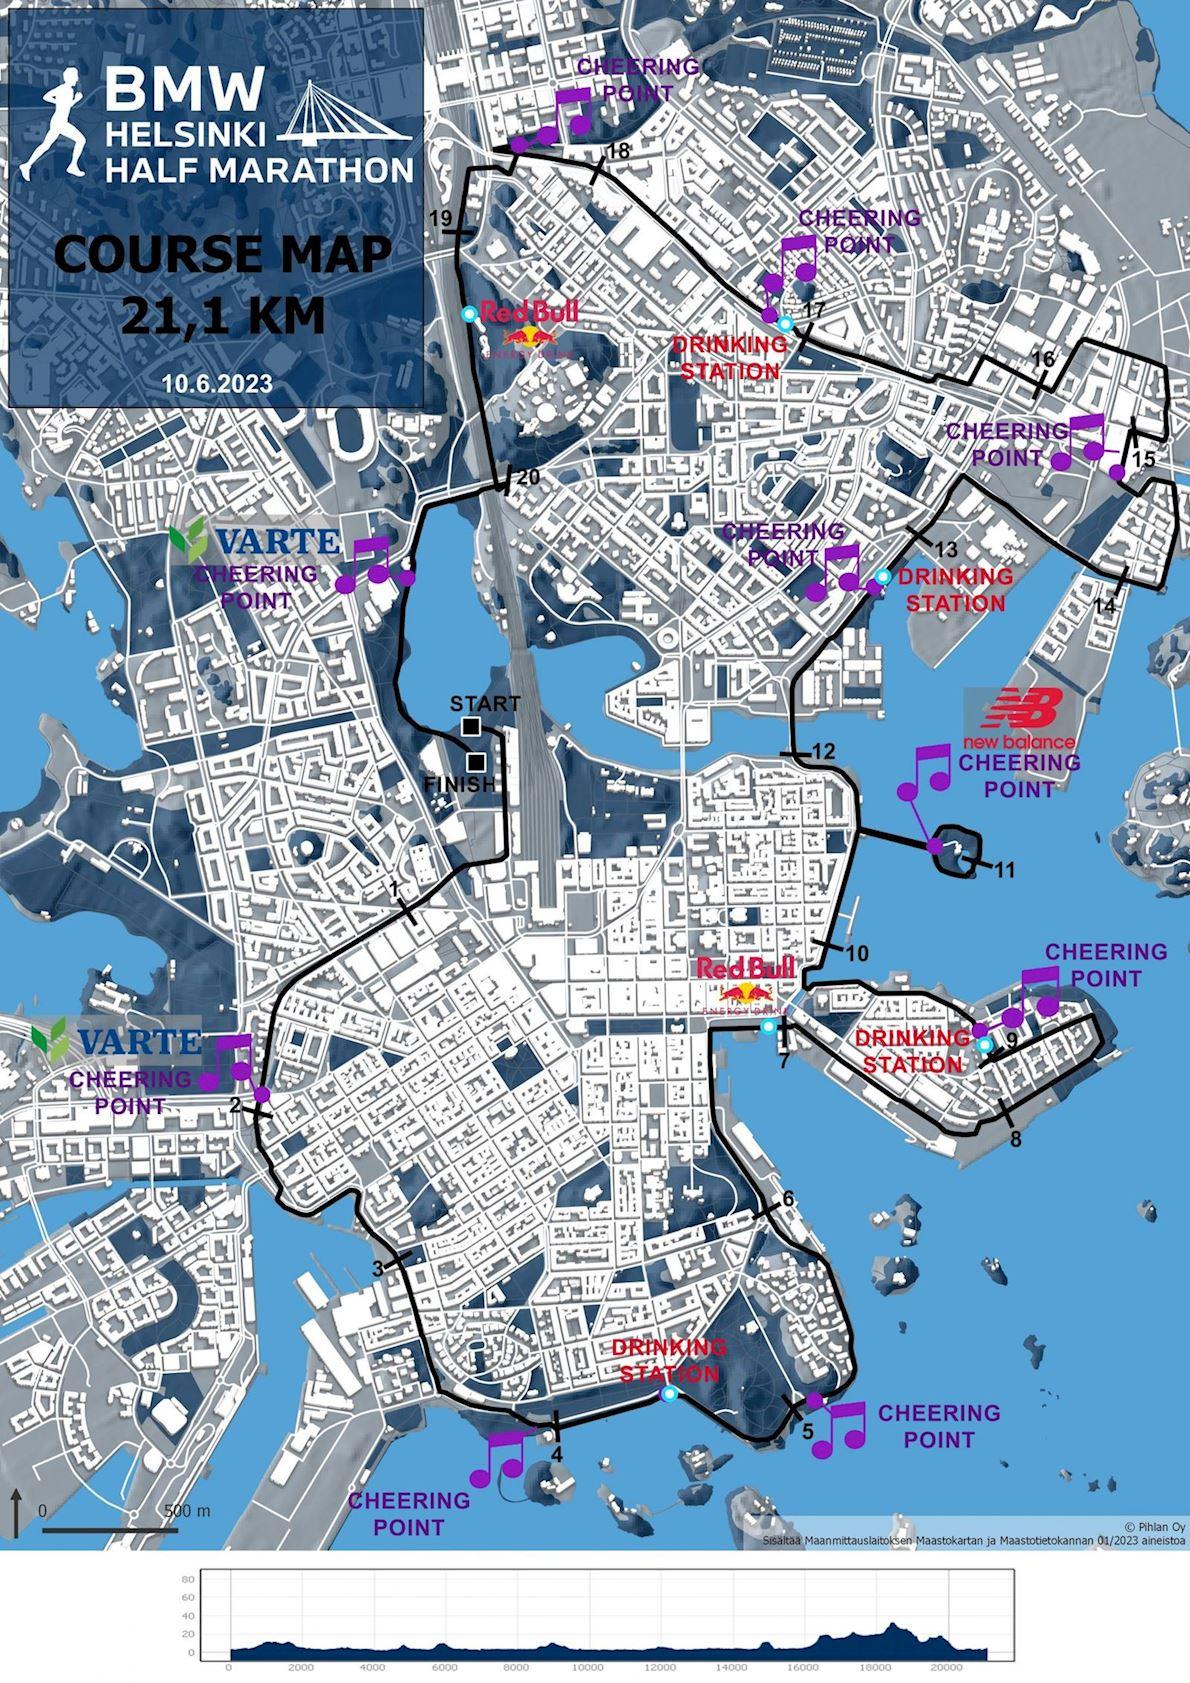 Helsinki Half Marathon MAPA DEL RECORRIDO DE